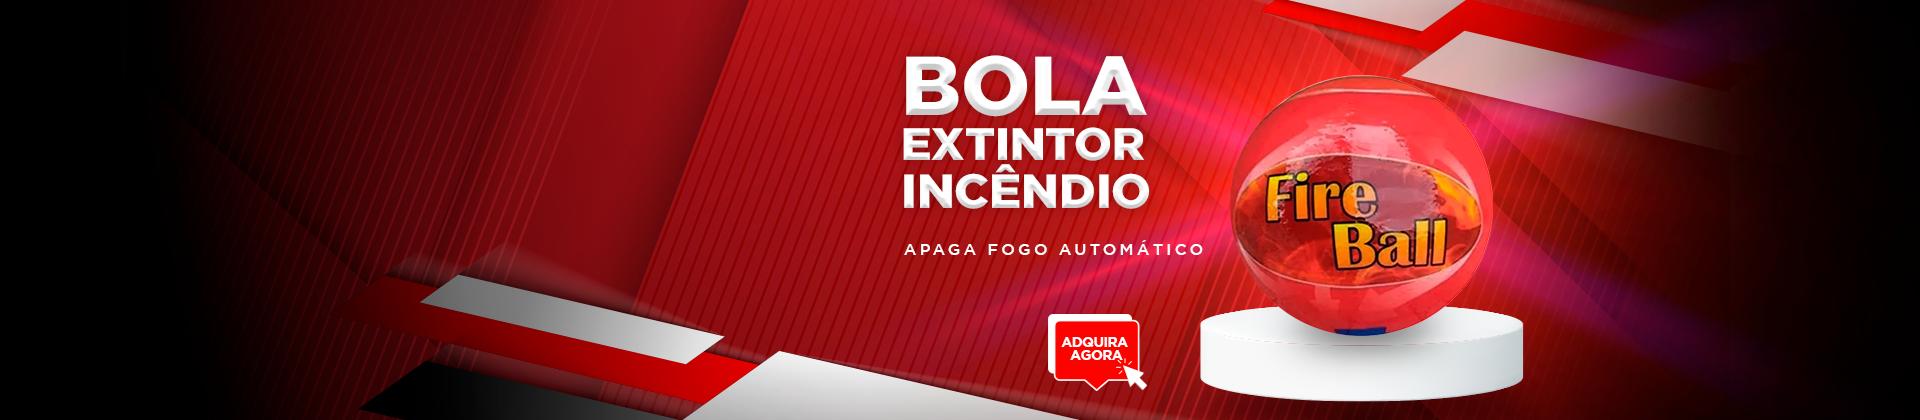 BOLA DE FOGO EXTINTOR